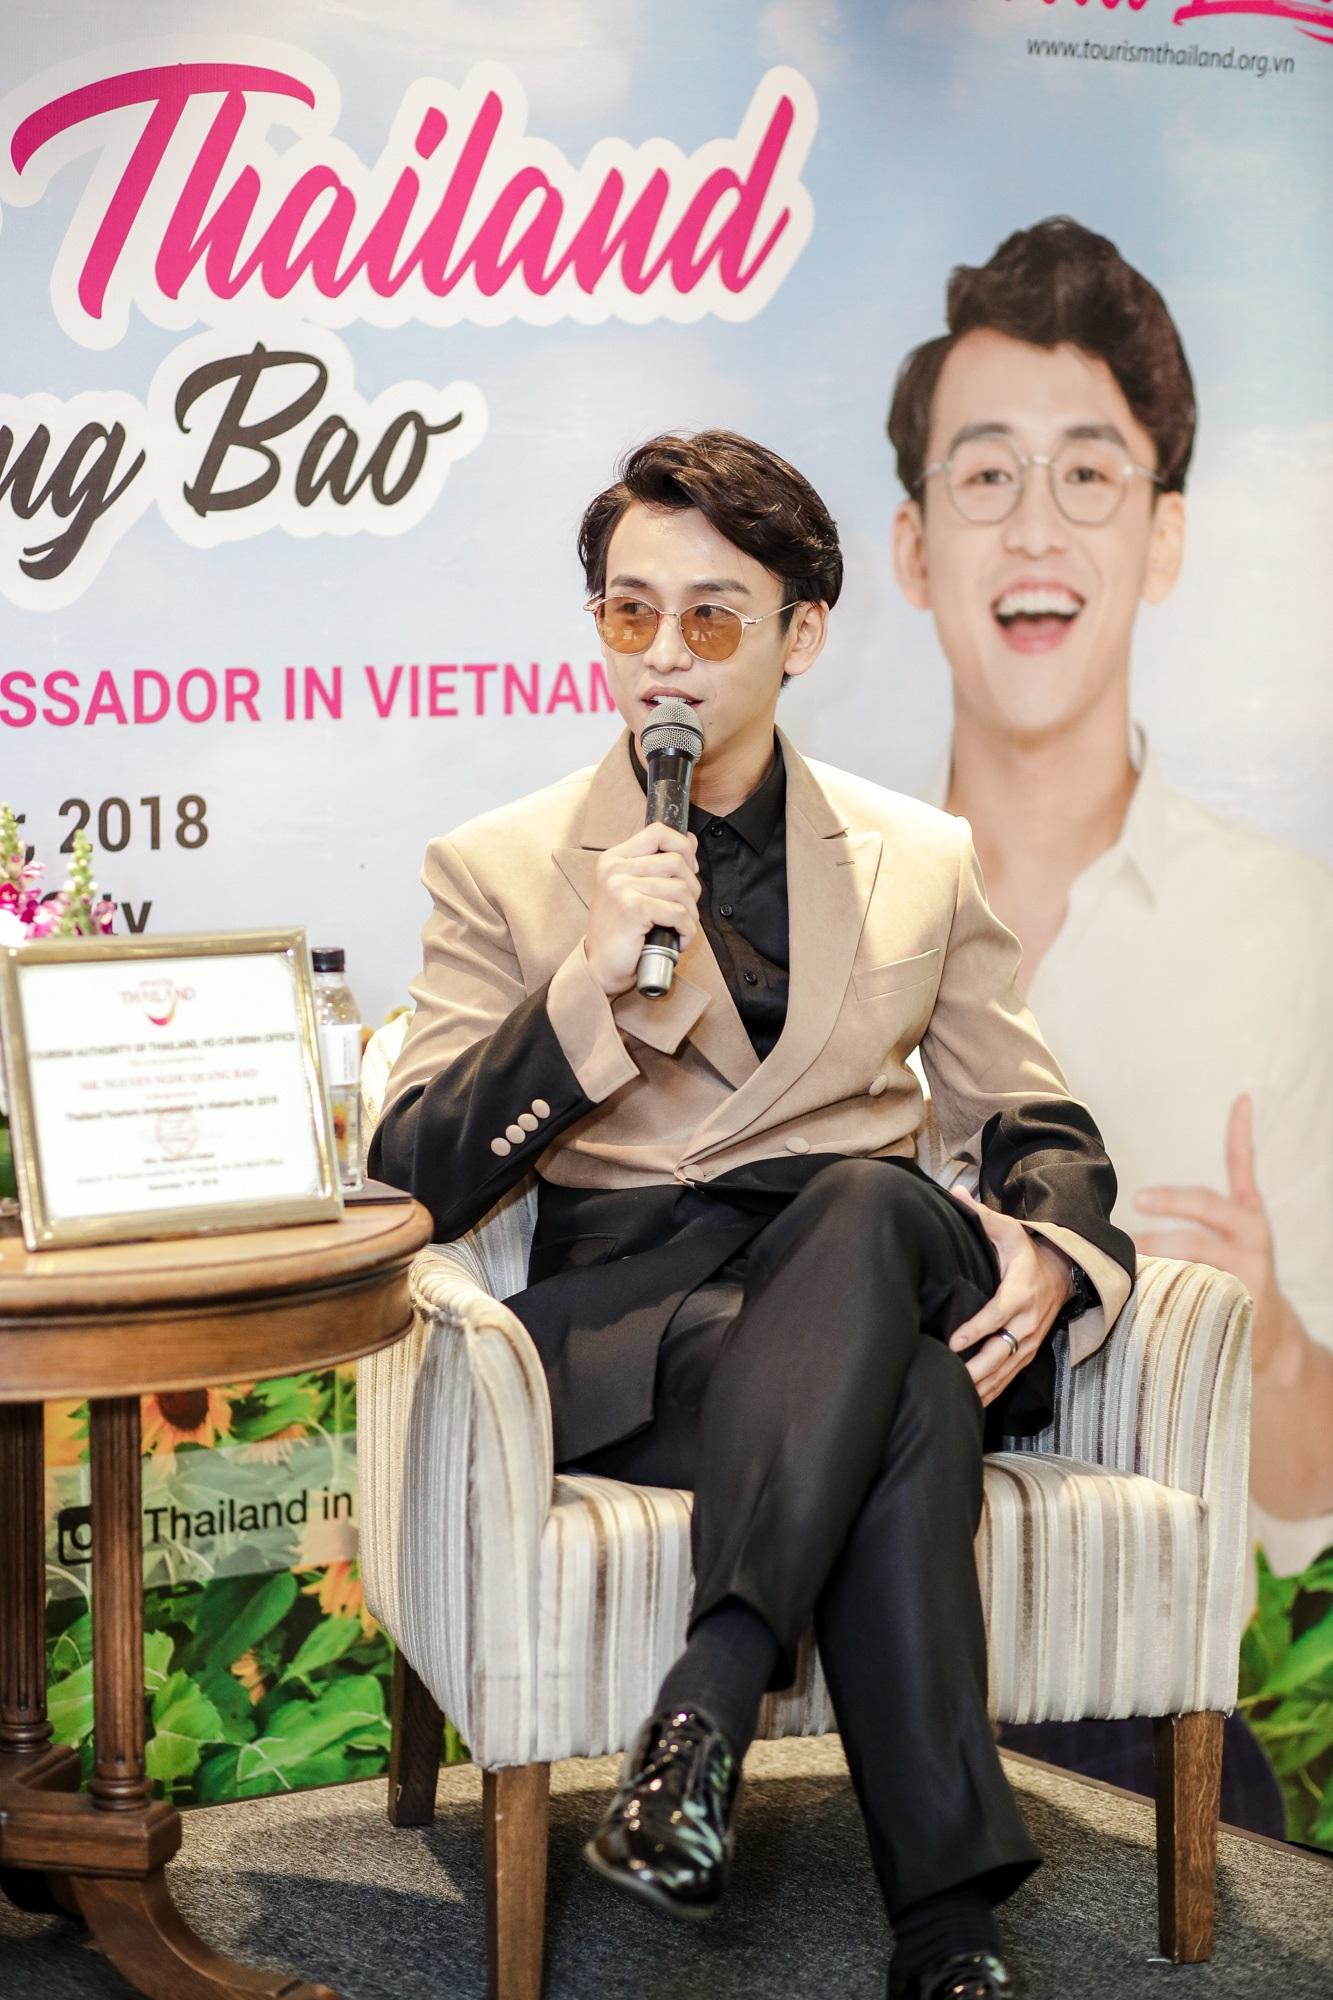 MC Quang Bảo tự hào là người kết nối giữa hai nền văn hóa Việt Nam và Thái Lan - Ảnh 3